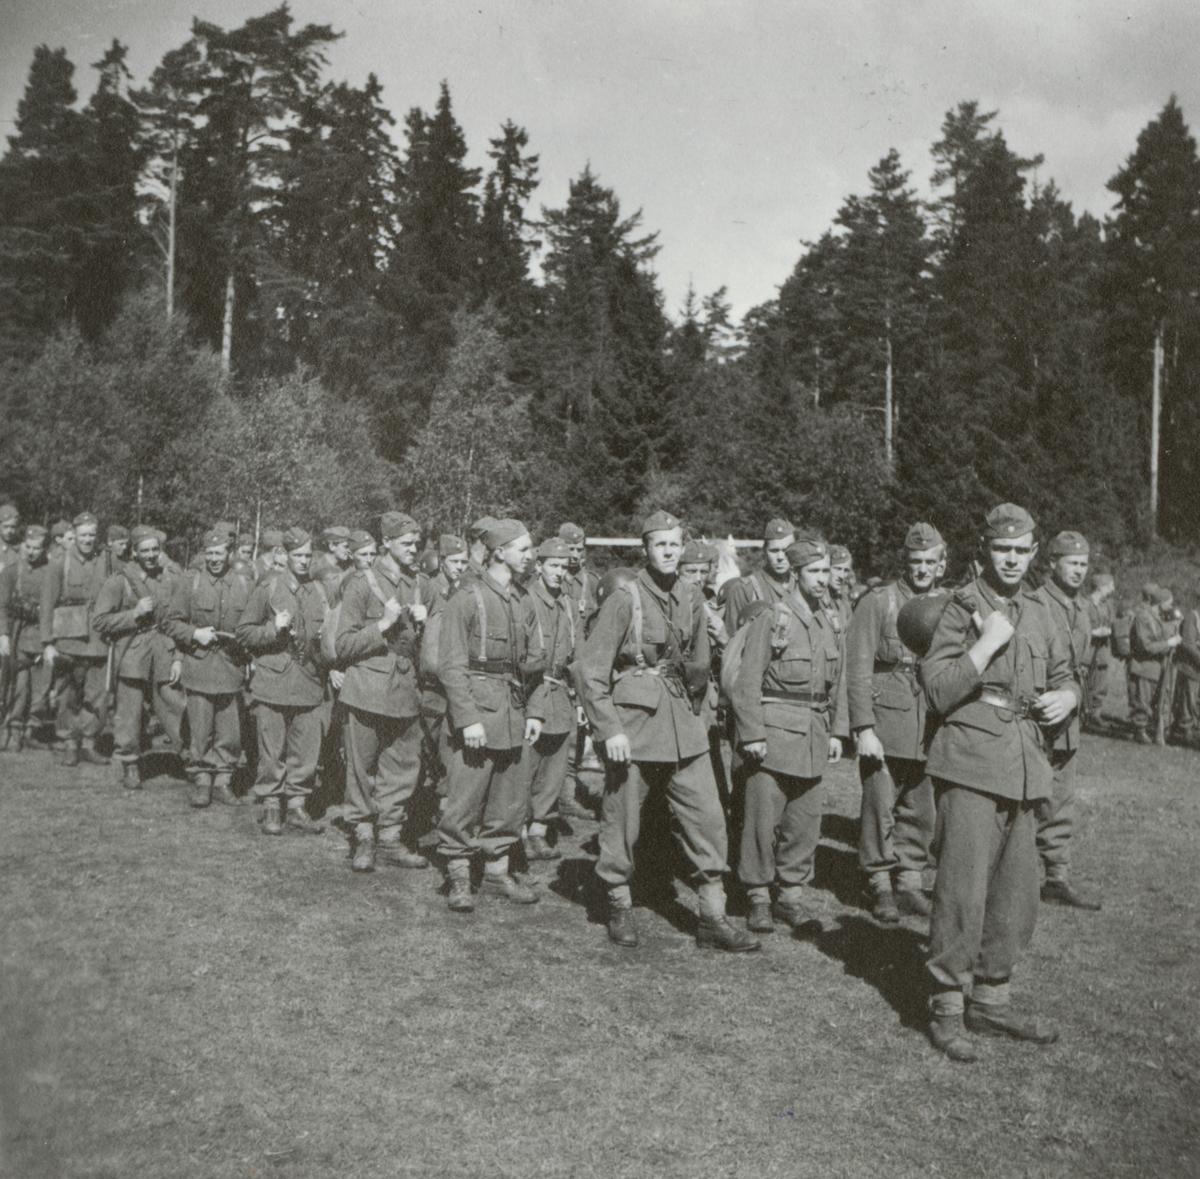 Soldater från Södermanlands regemente I 10 inför marsch.